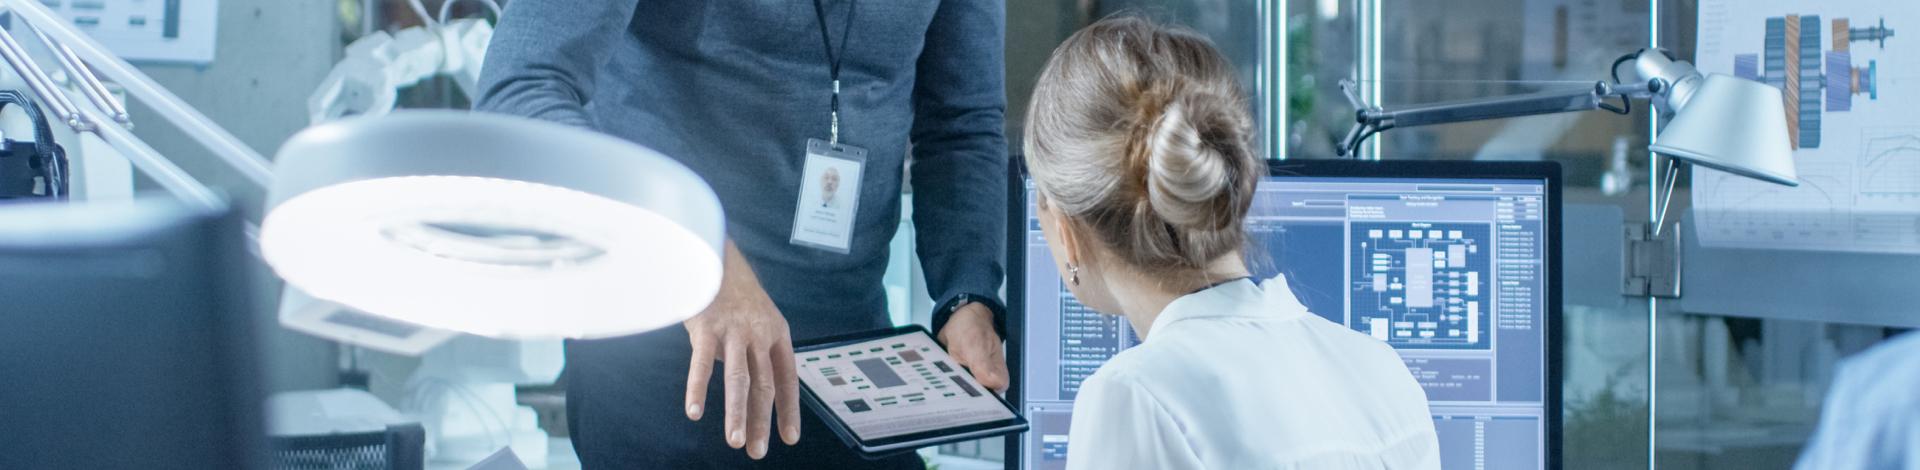 男人和女人谈论盈方的计算机和平板电脑